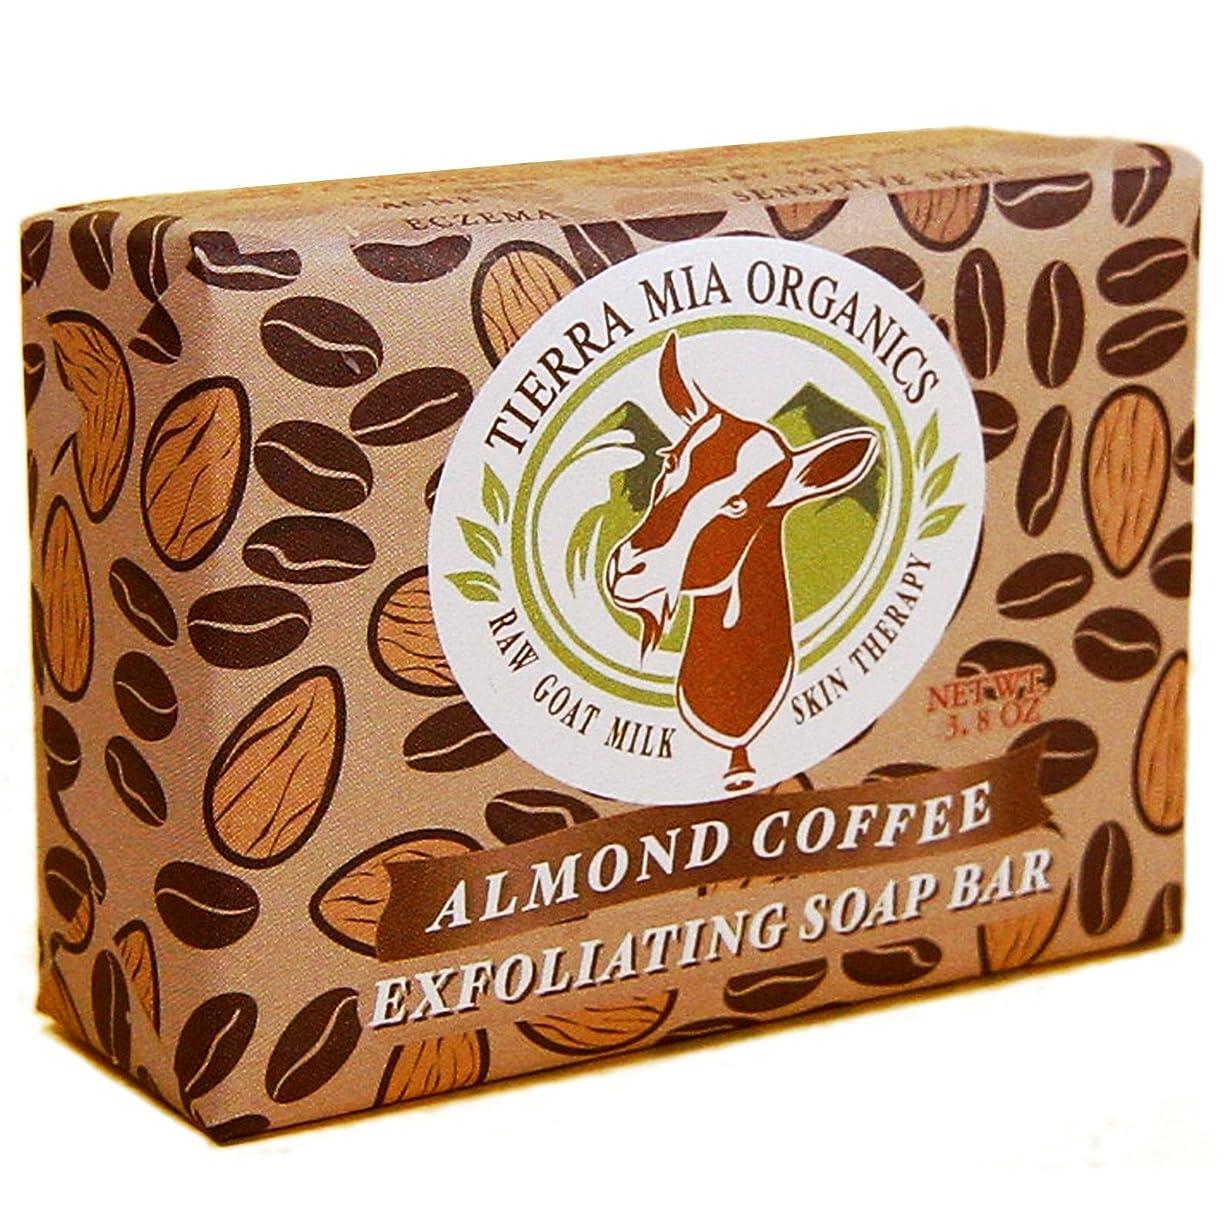 不調和フィード日付Tierra Mia Organics, Raw Goat Milk Skin Therapy, Exfoliating Soap Bar, Almond Coffee, 3.8 oz